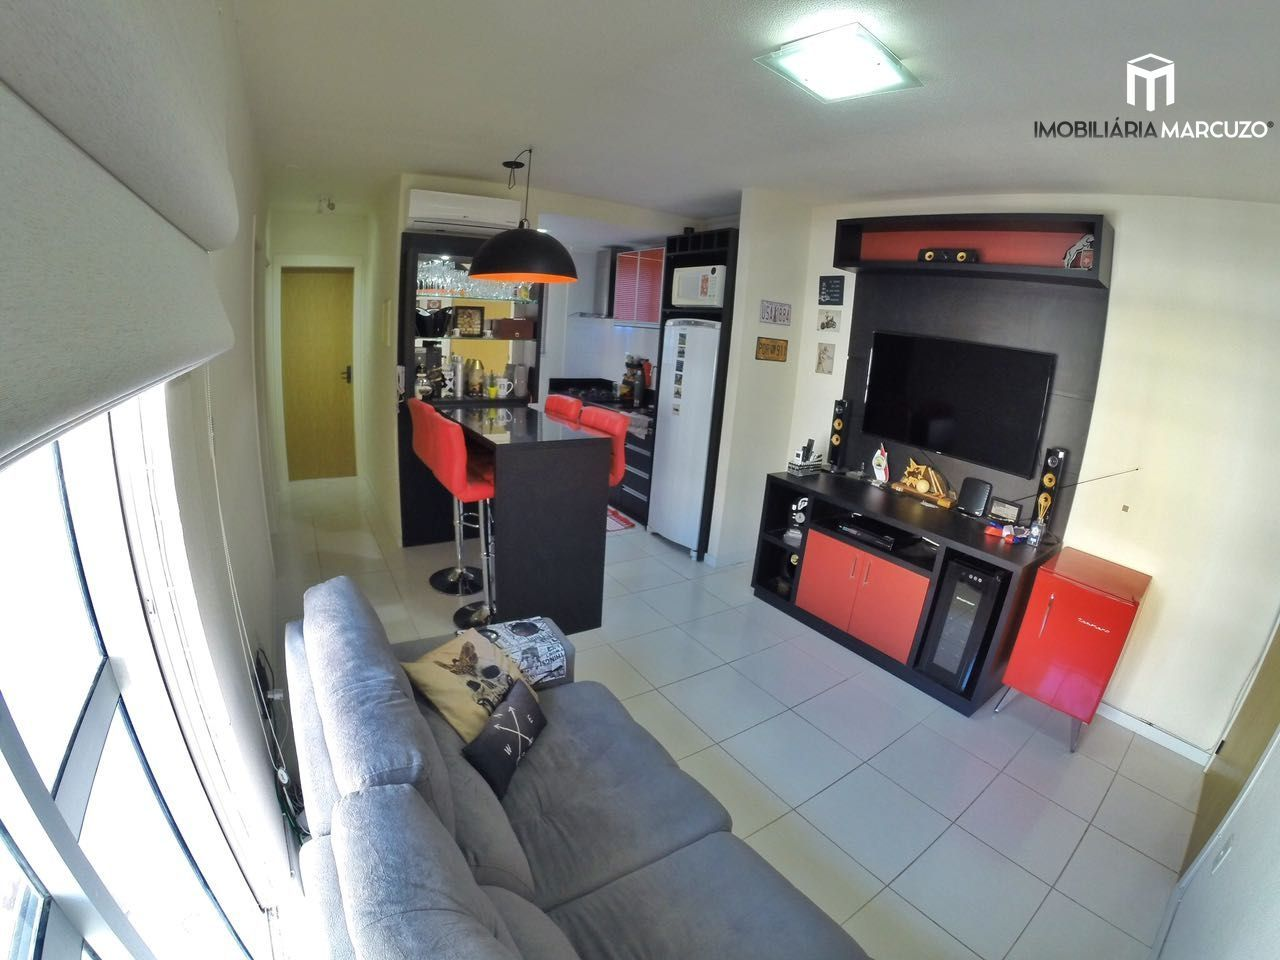 Apartamento com 2 Dormitórios à venda, 50 m² por R$ 215.000,00